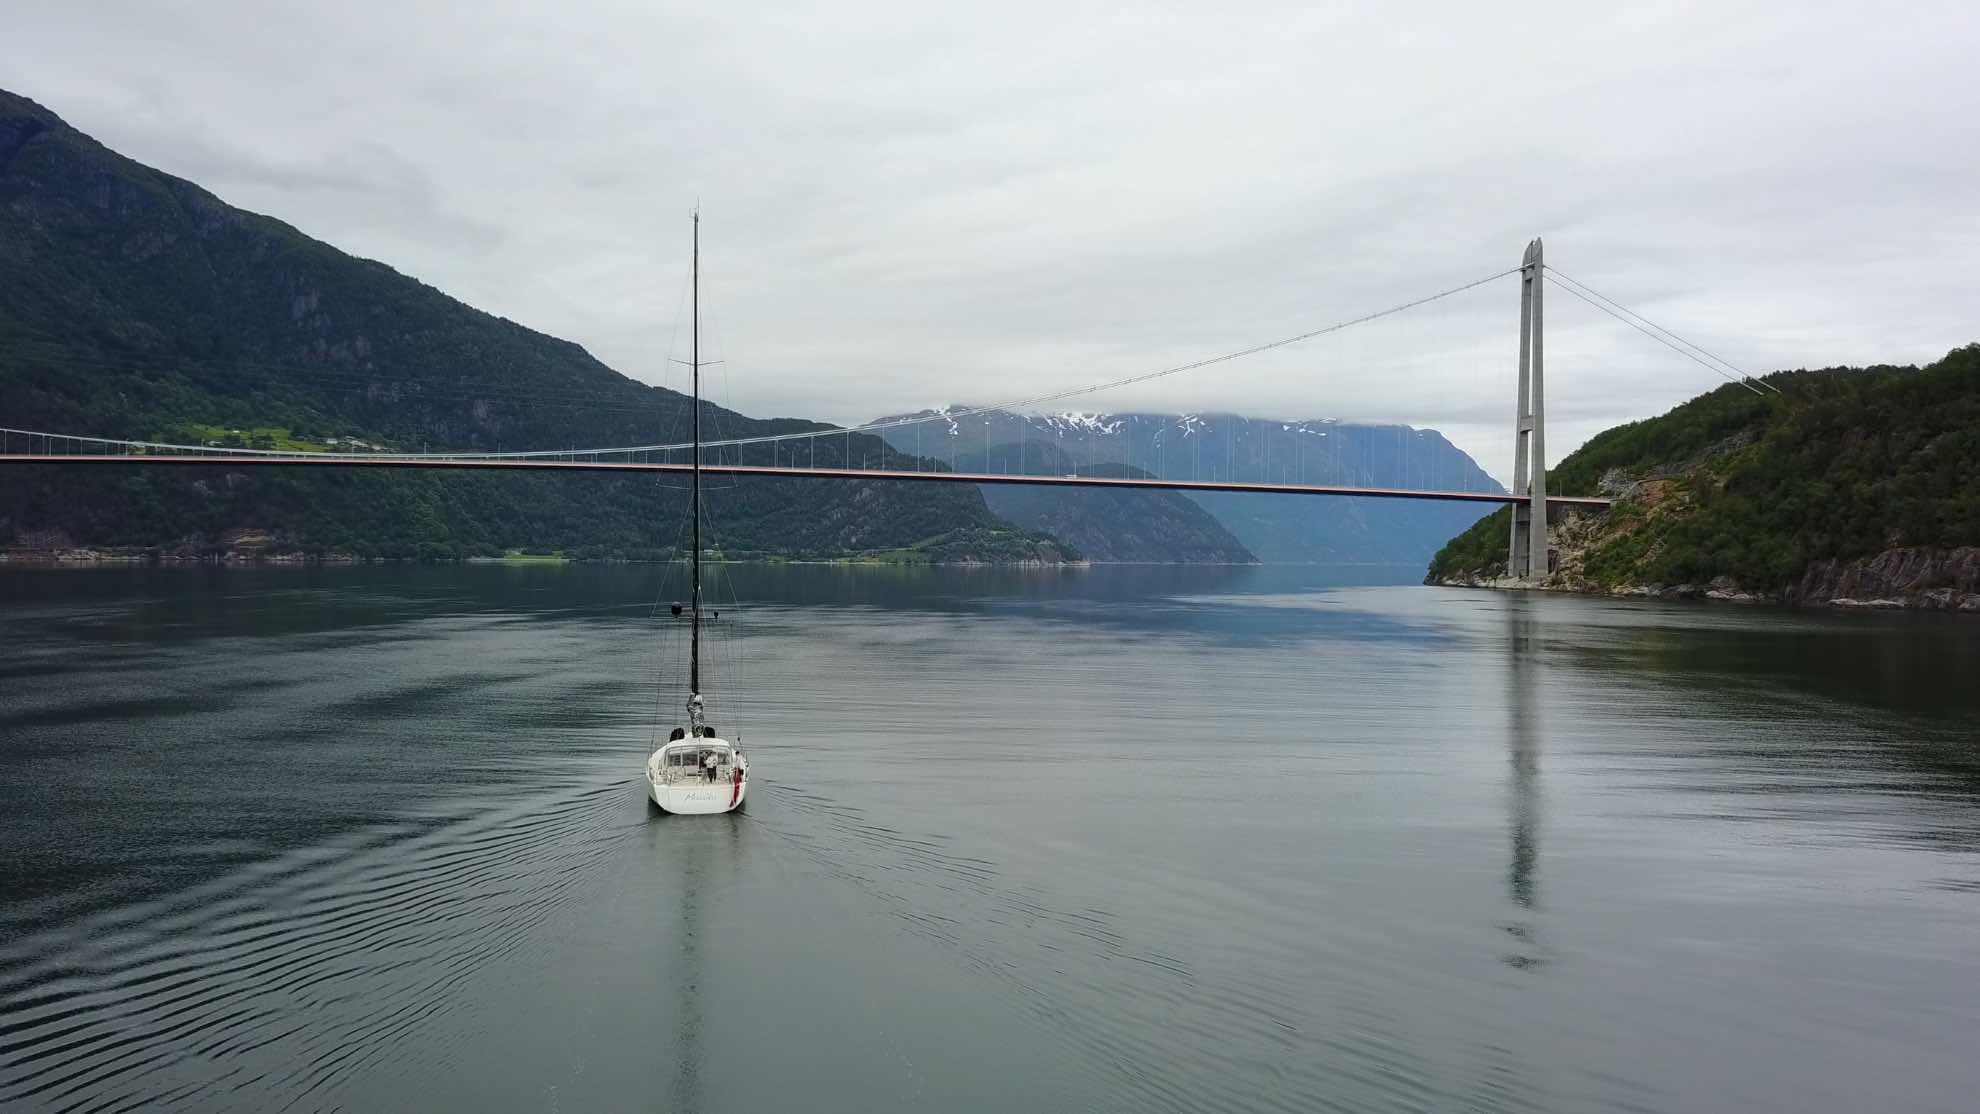 Tatsächlich aber ist genug Luft zwischen Malaikas Mastspitze und der Hardangerbrücke über dem gleichnamigen Fjord.